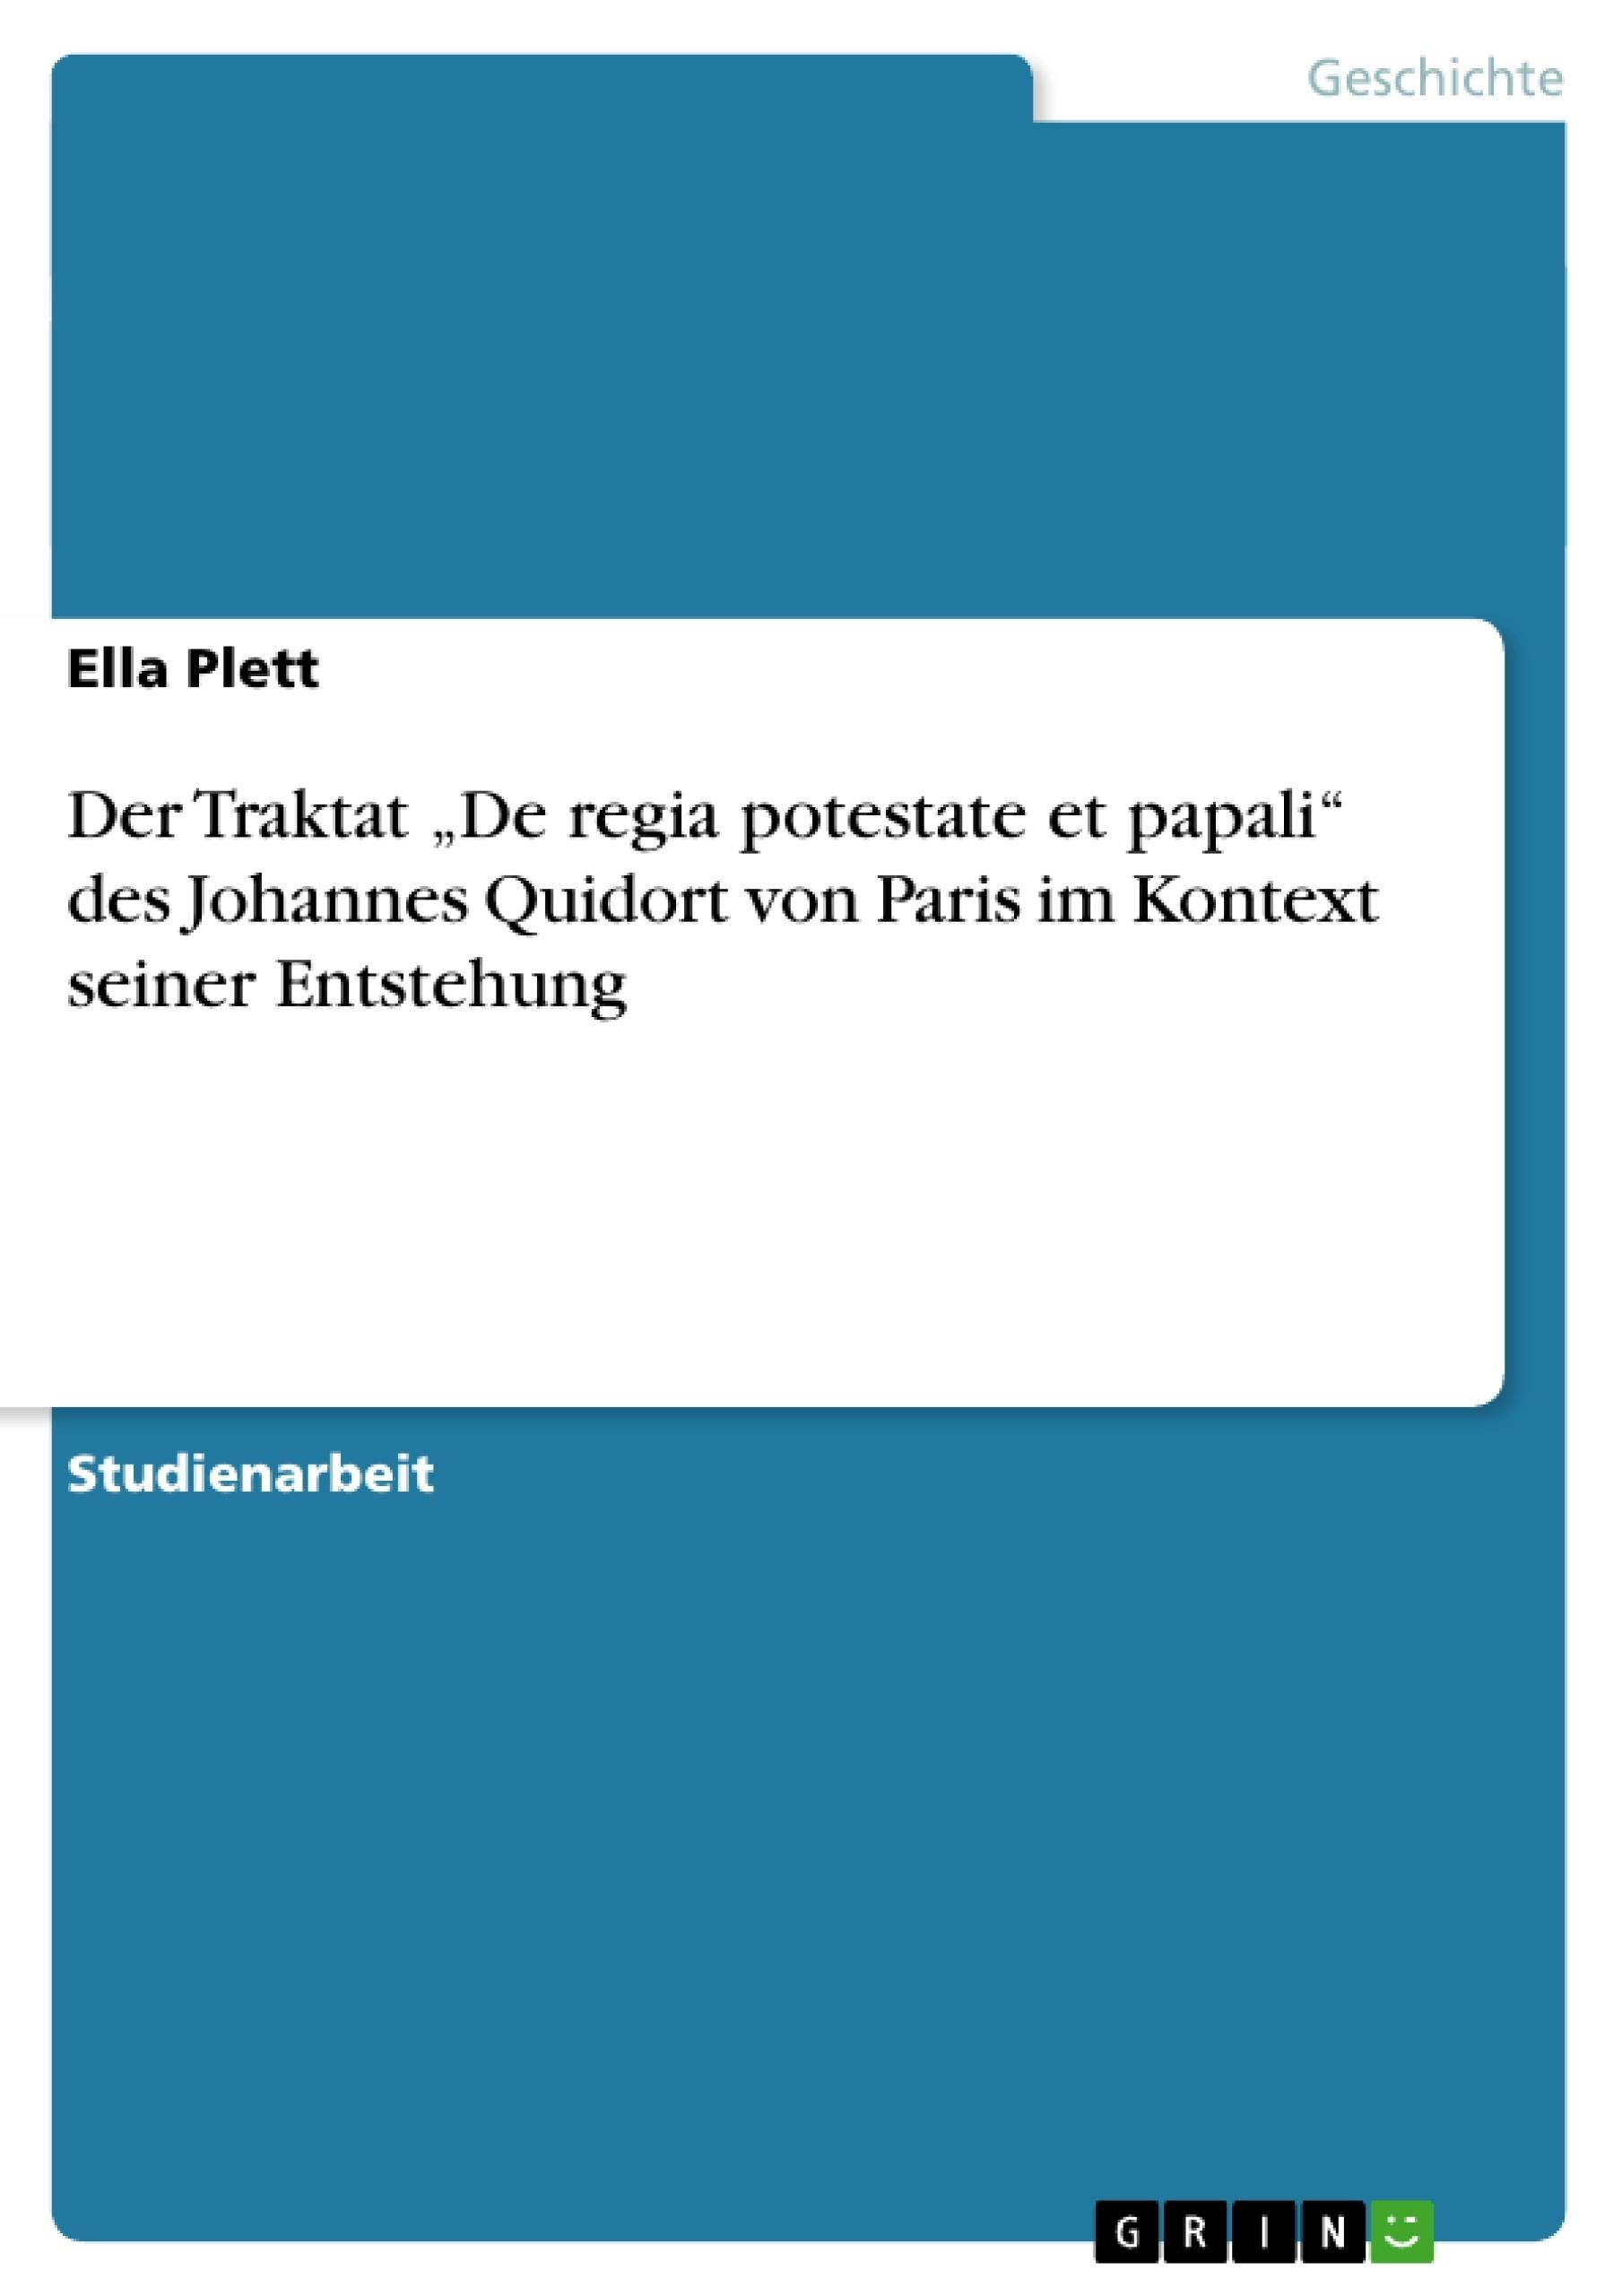 """Titel: Der Traktat  """"De regia potestate et papali""""  des Johannes Quidort von Paris  im Kontext seiner Entstehung"""